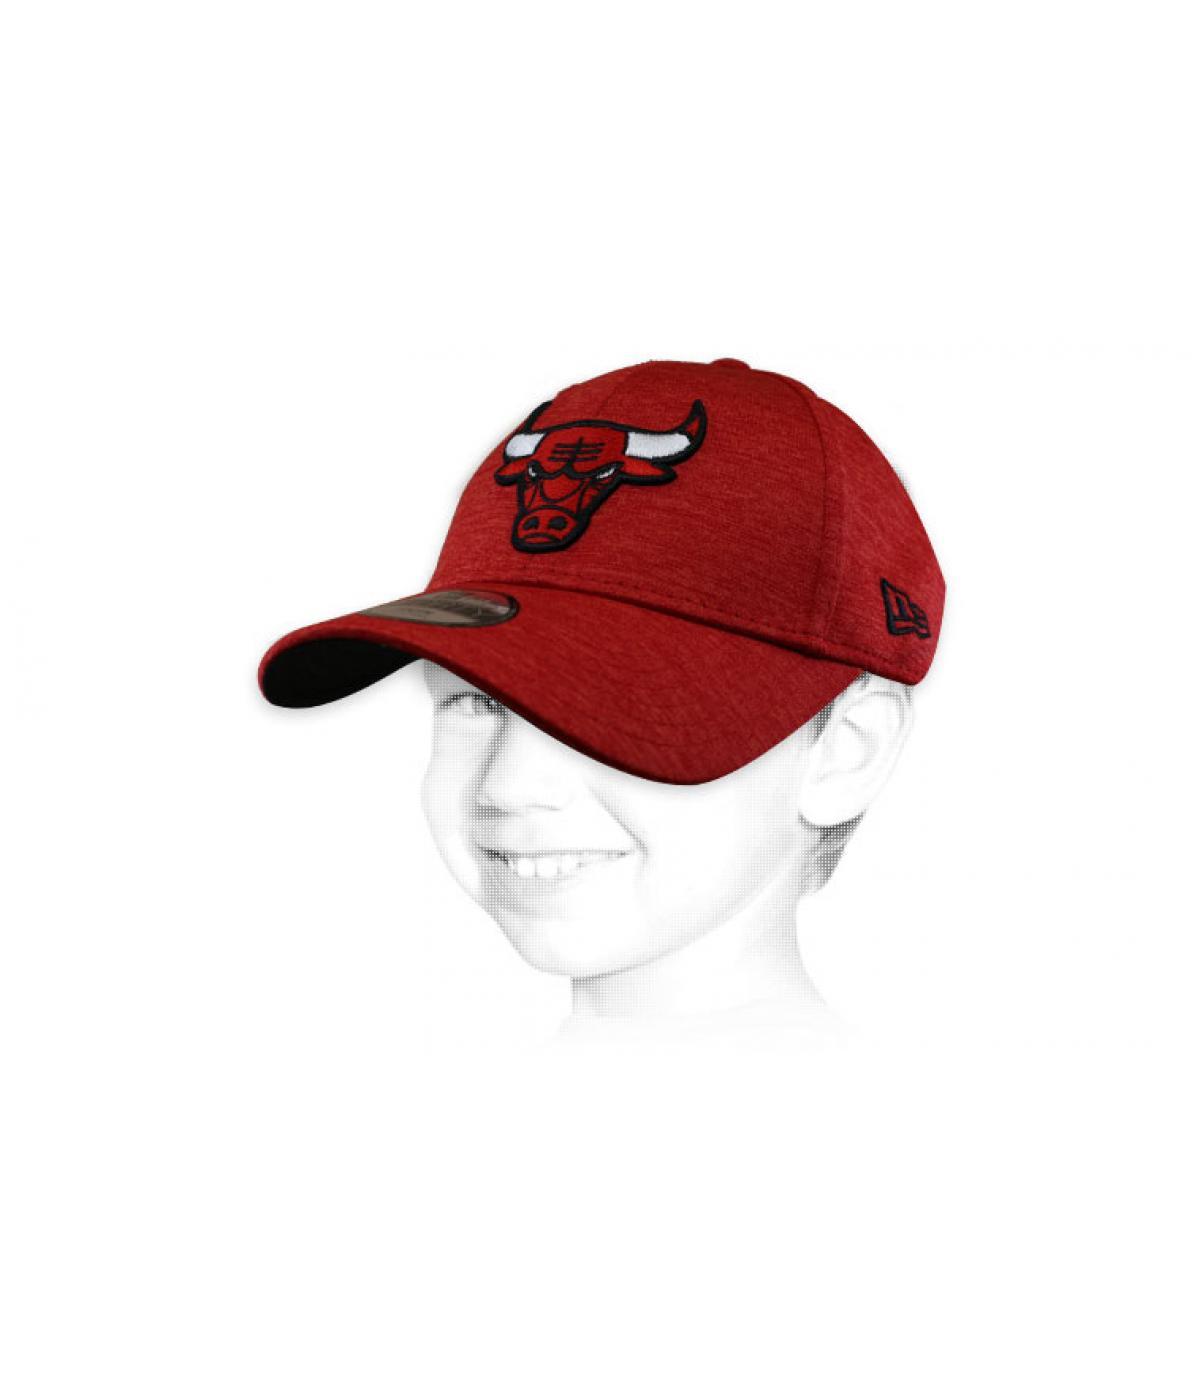 casquette enfant Bulls rouge